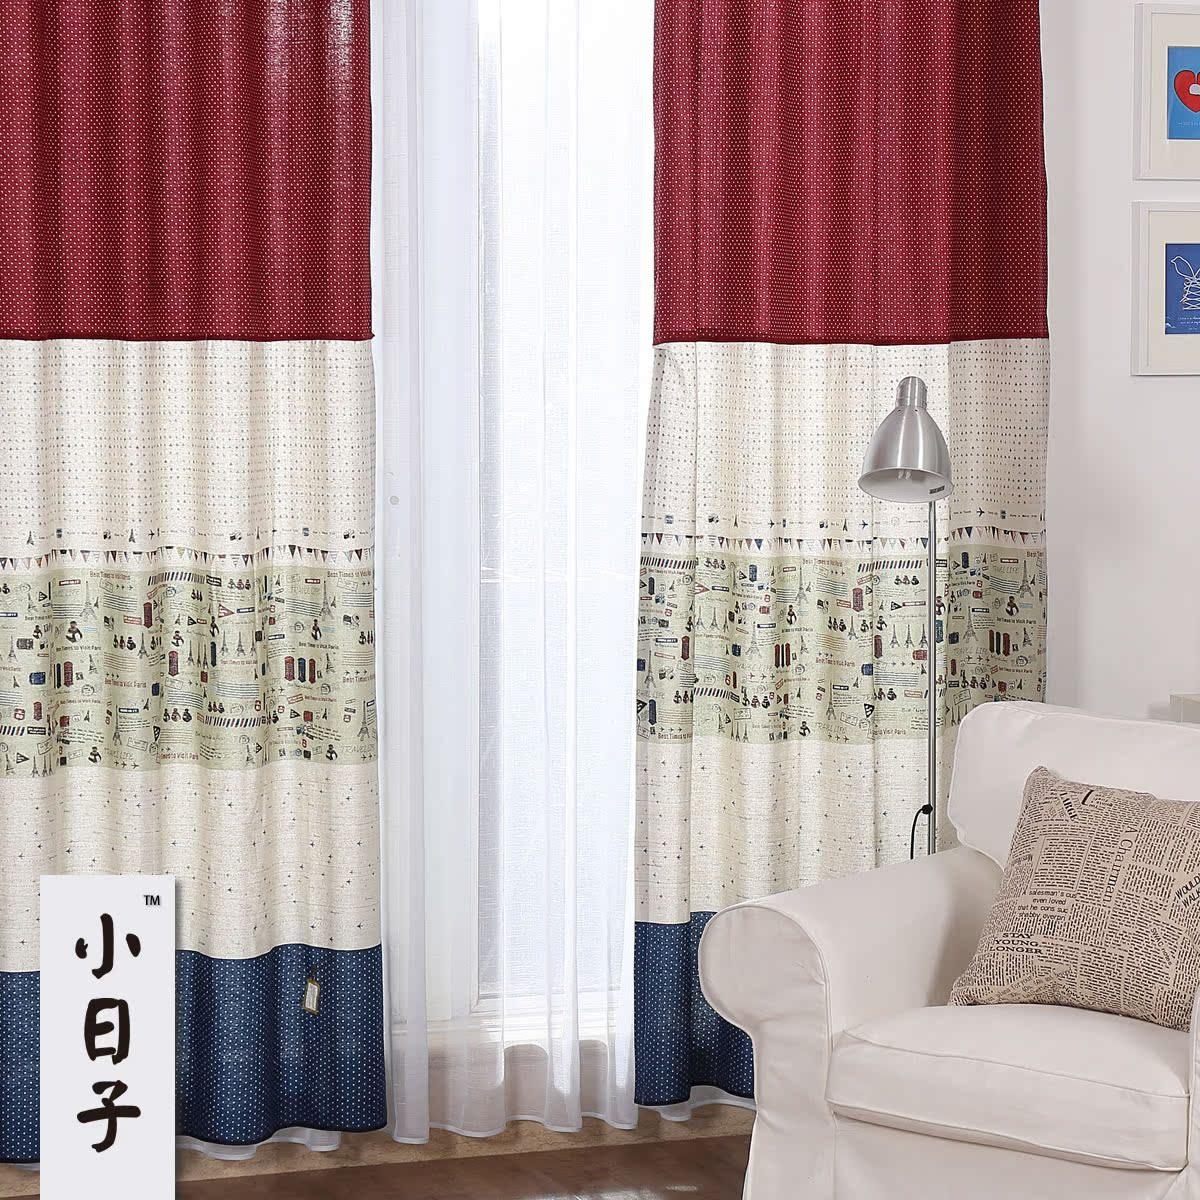 客厅窗帘拼接